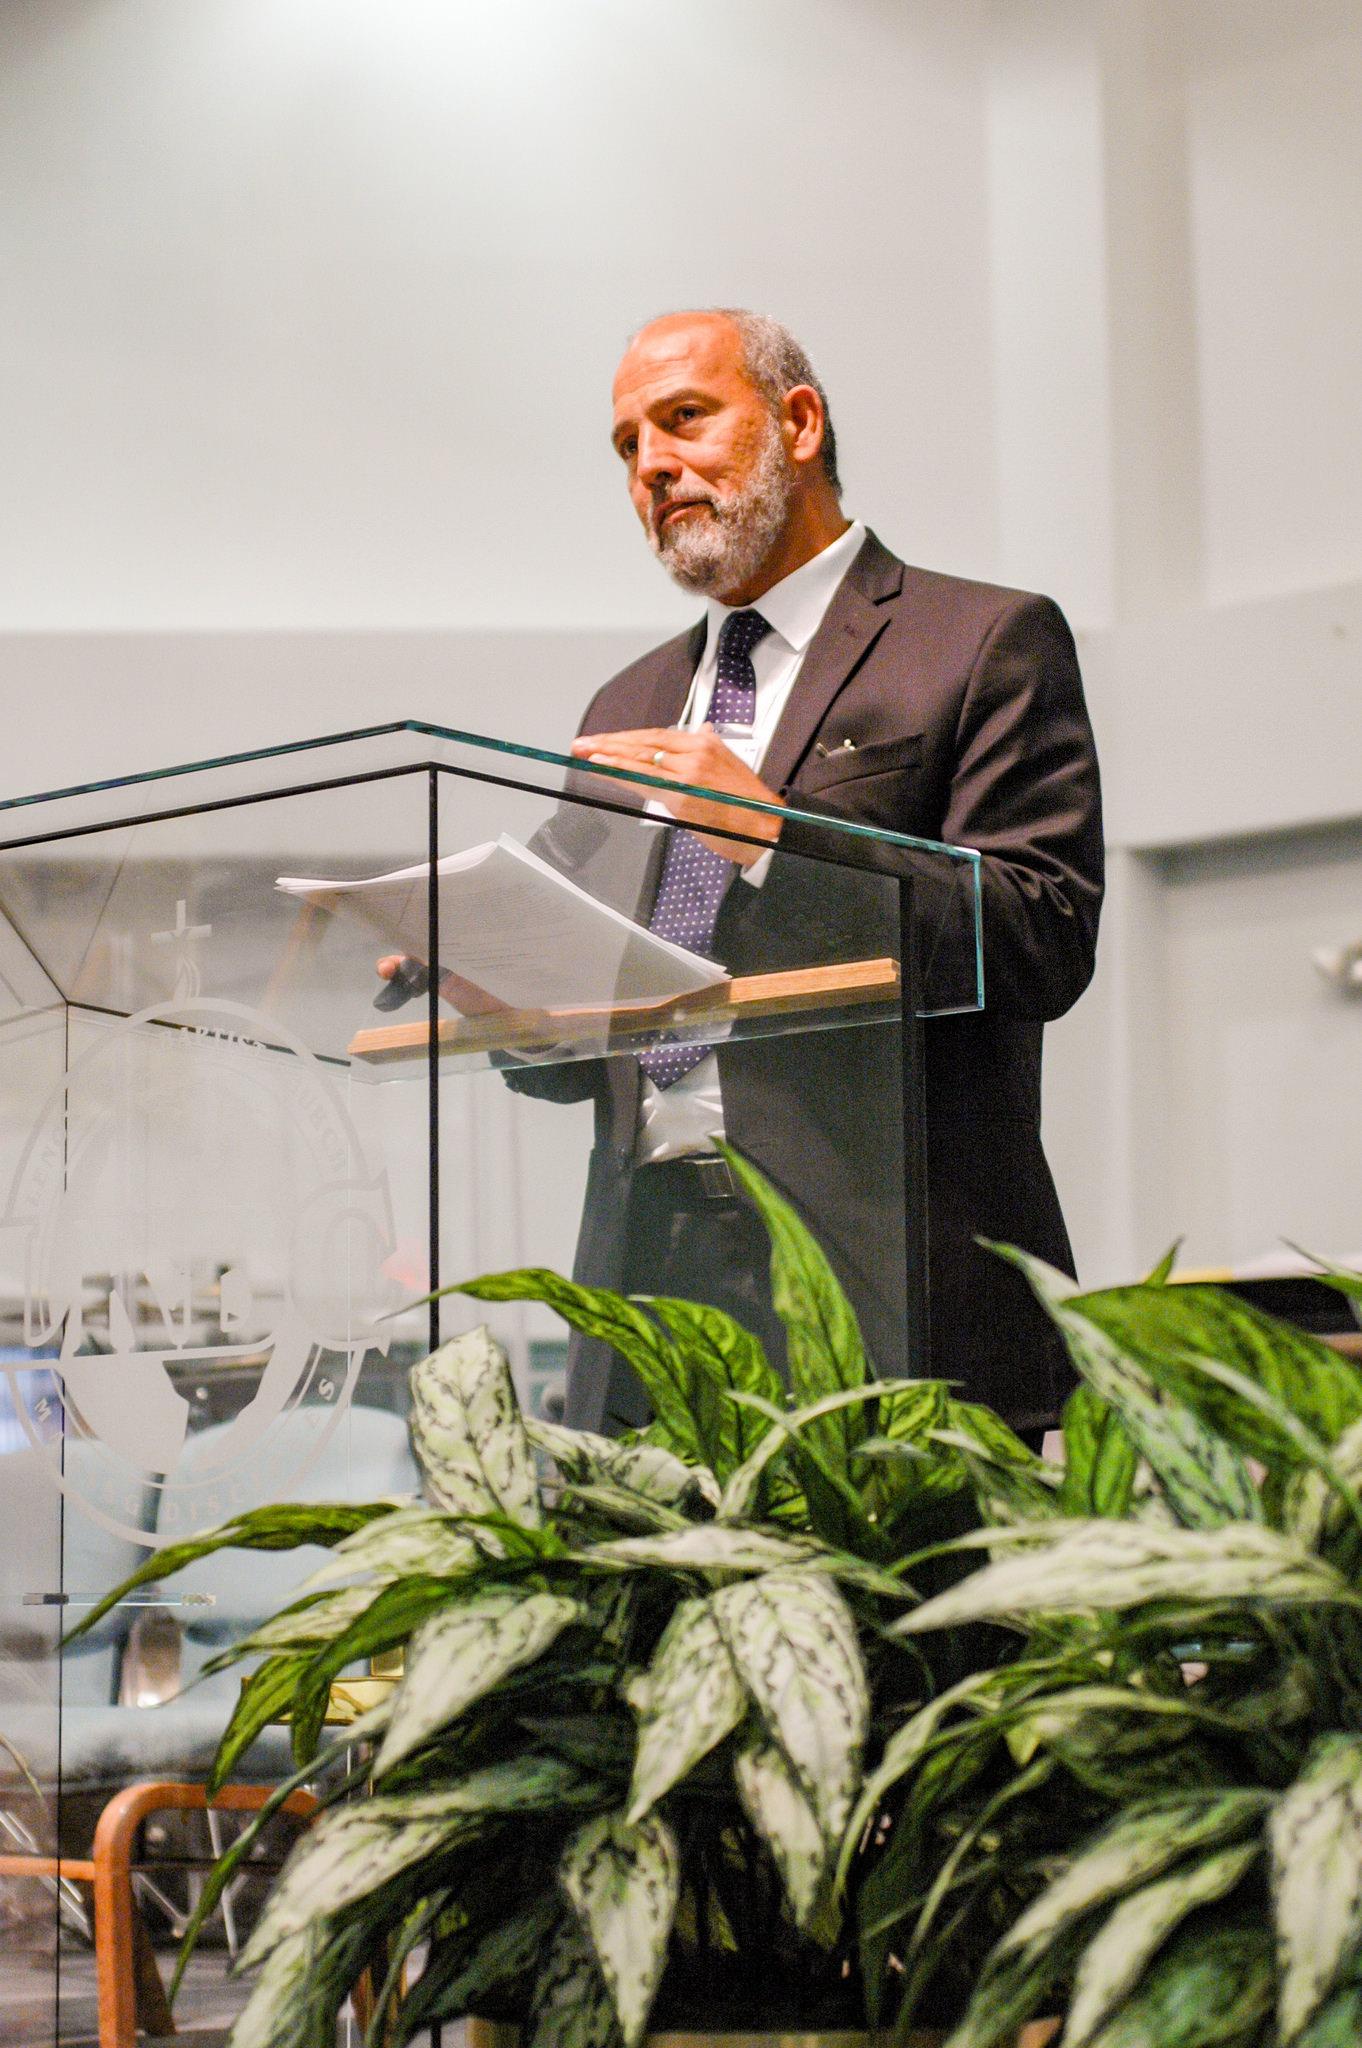 The Rev. Dr. Isaac Castaneda